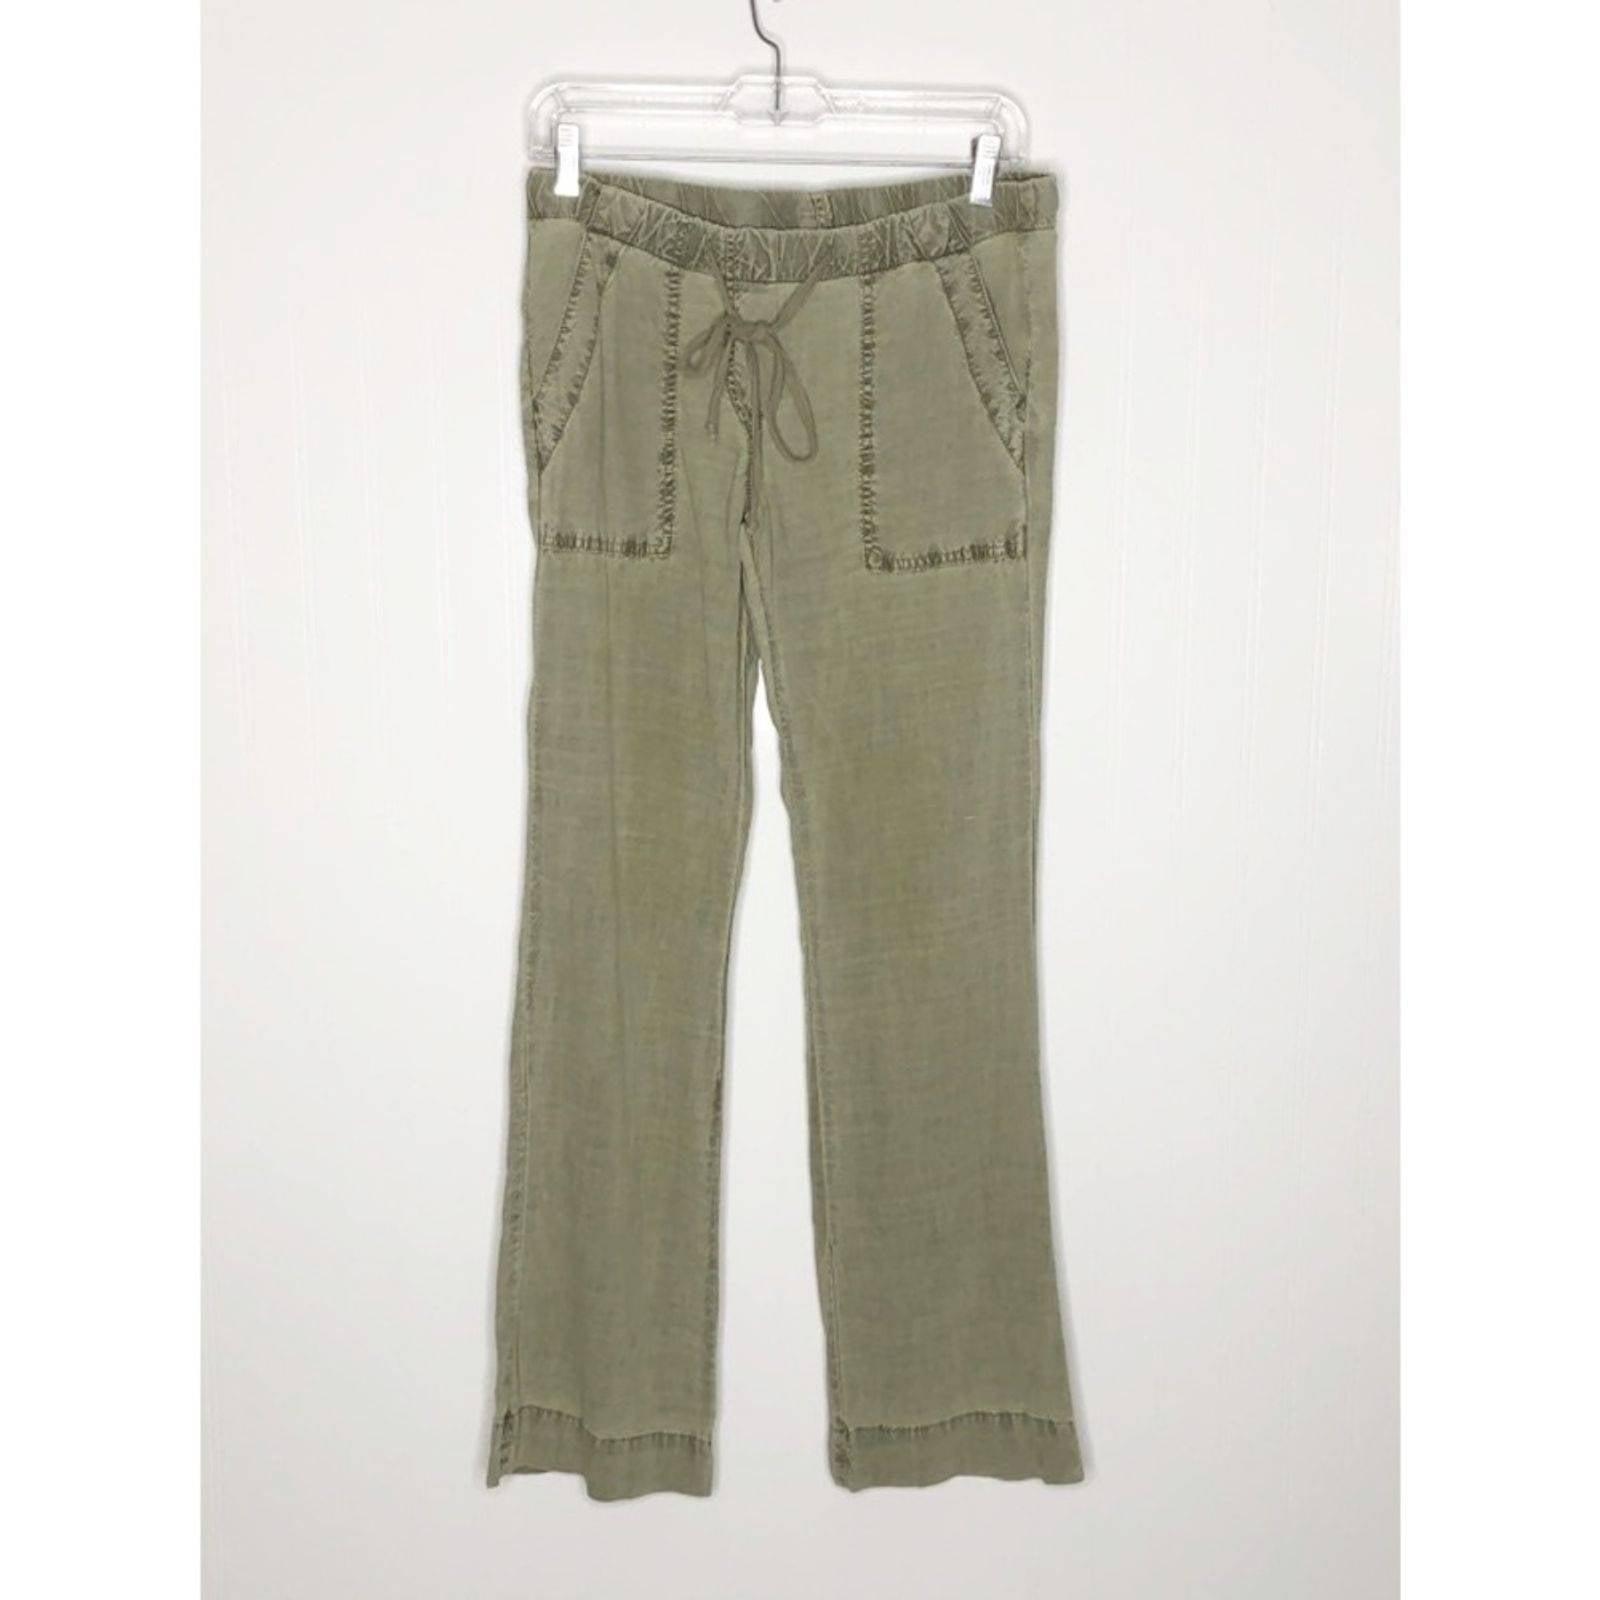 BELLA DAHL Sage Green Lounge Pants